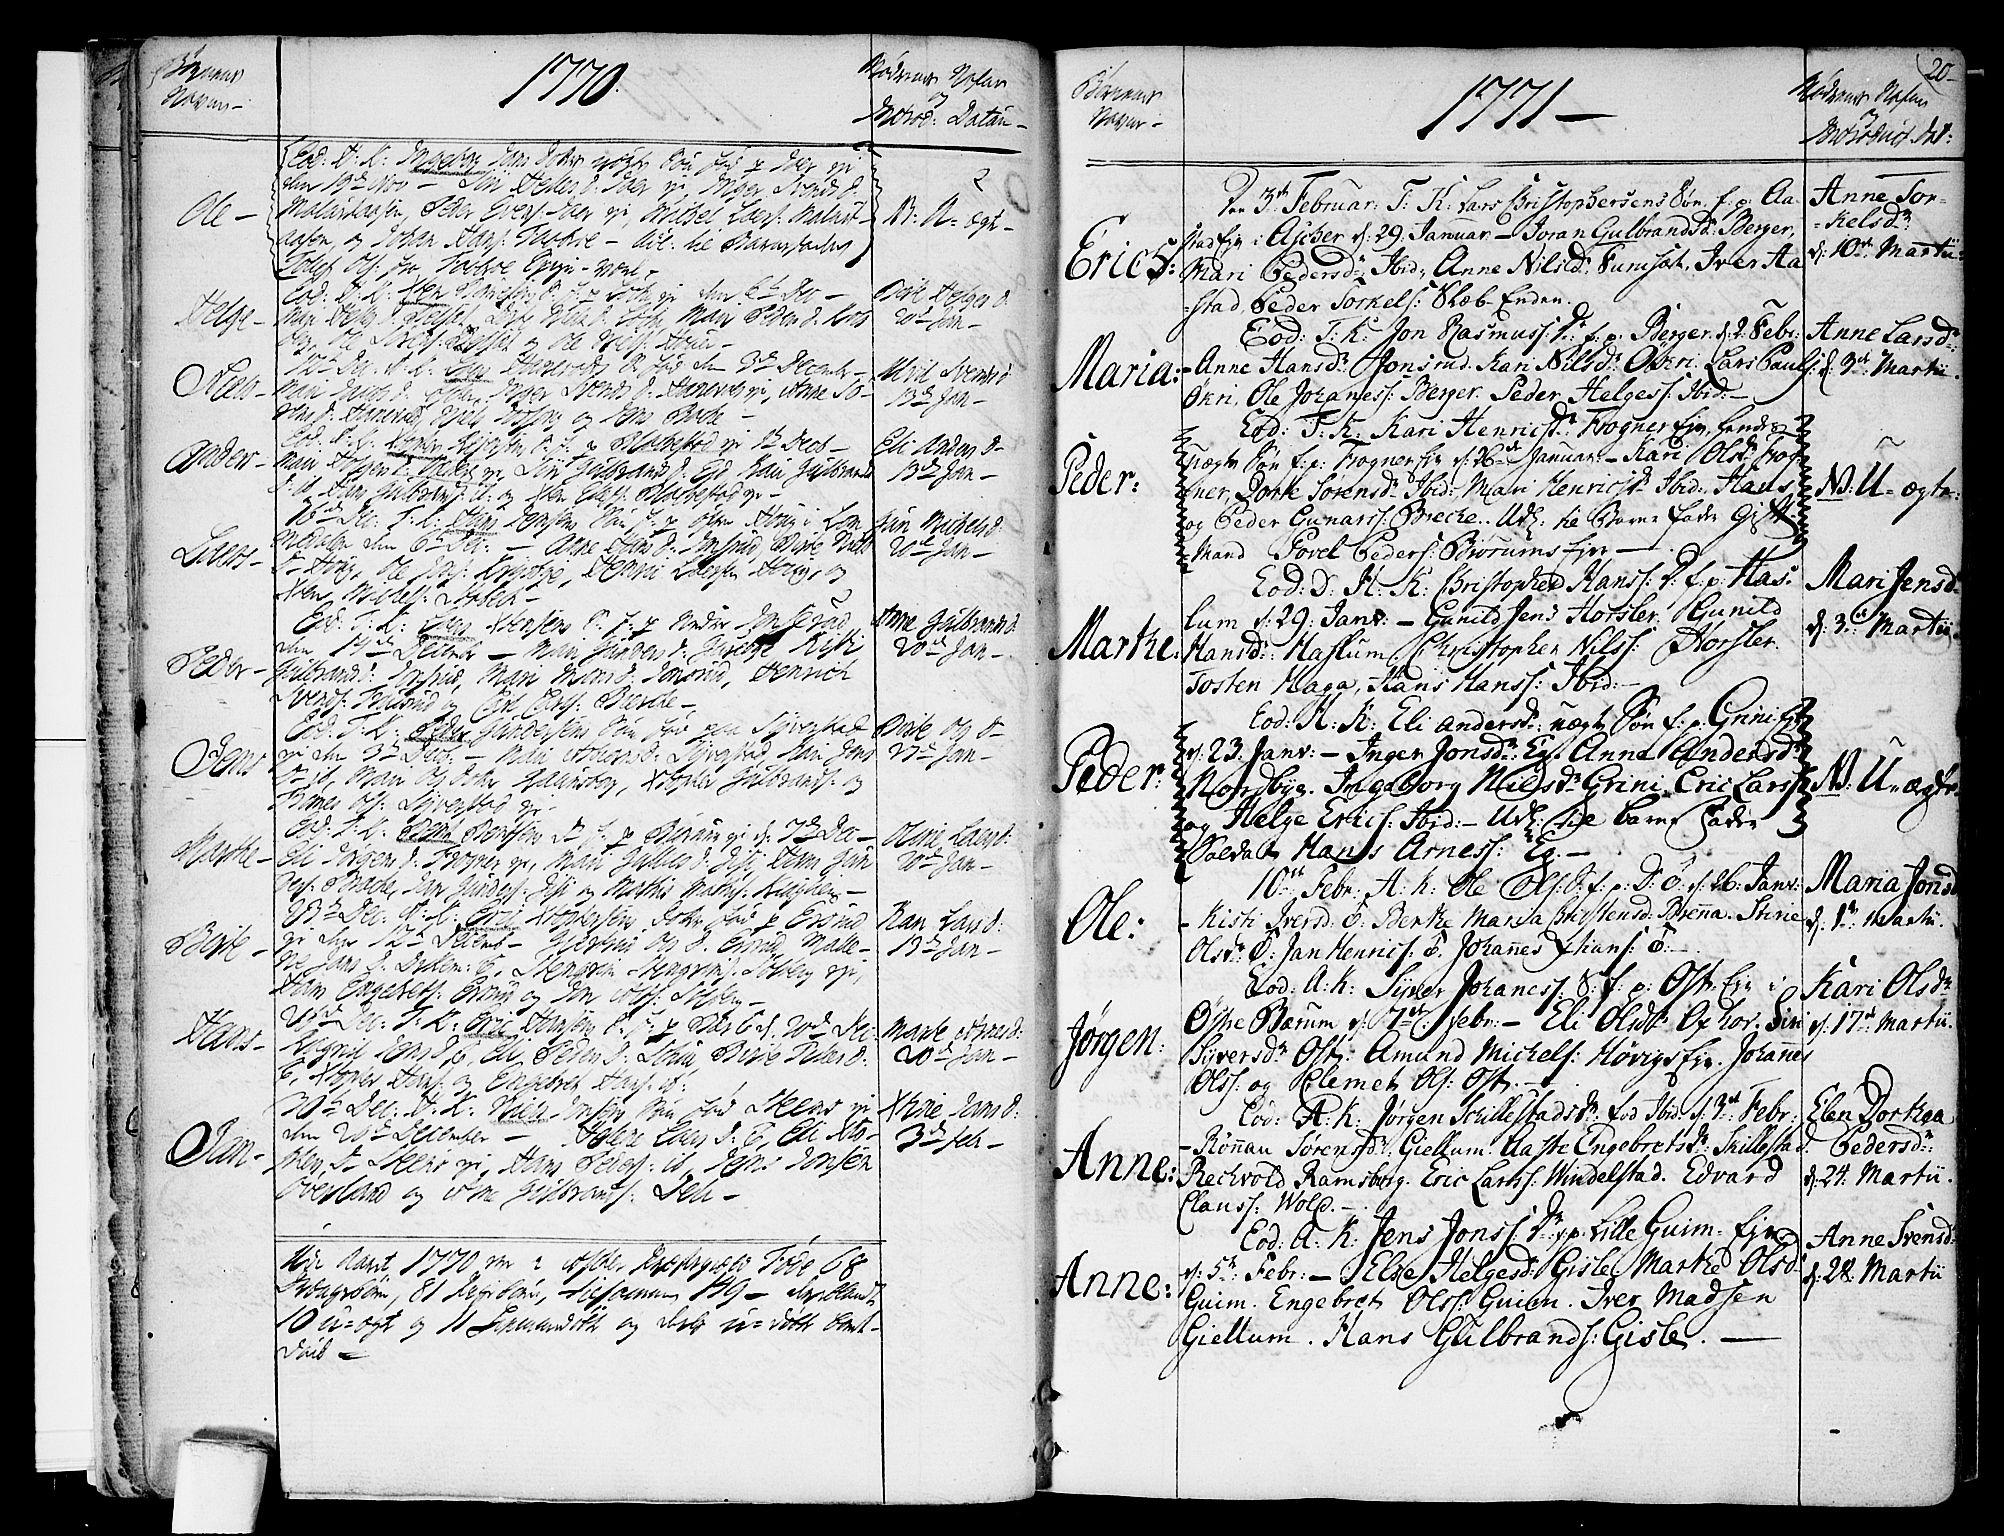 SAO, Asker prestekontor Kirkebøker, F/Fa/L0003: Ministerialbok nr. I 3, 1767-1807, s. 20